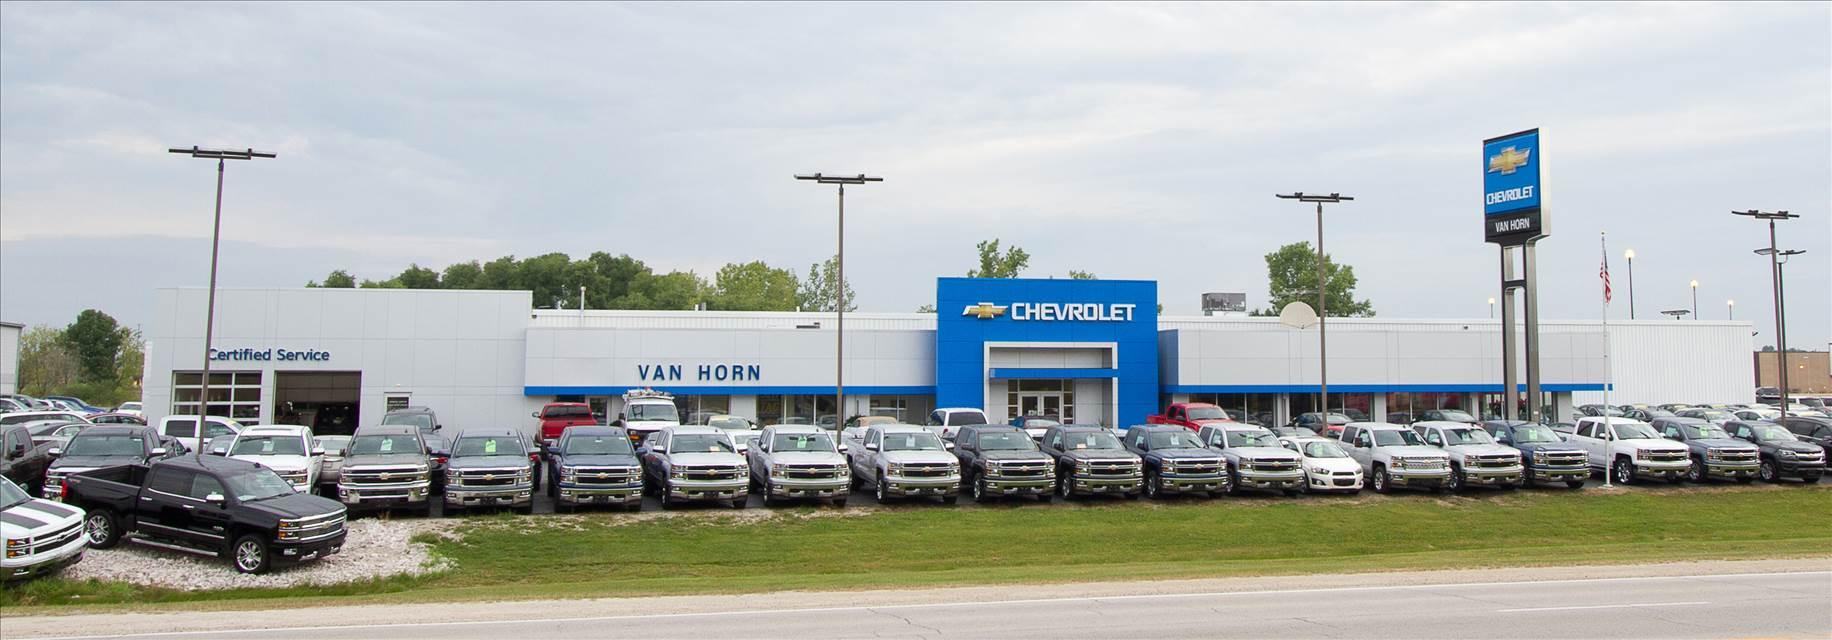 Van Horn Auto >> Joe Van Horn Chevrolet In Plymouth Wi 53073 Auto Body